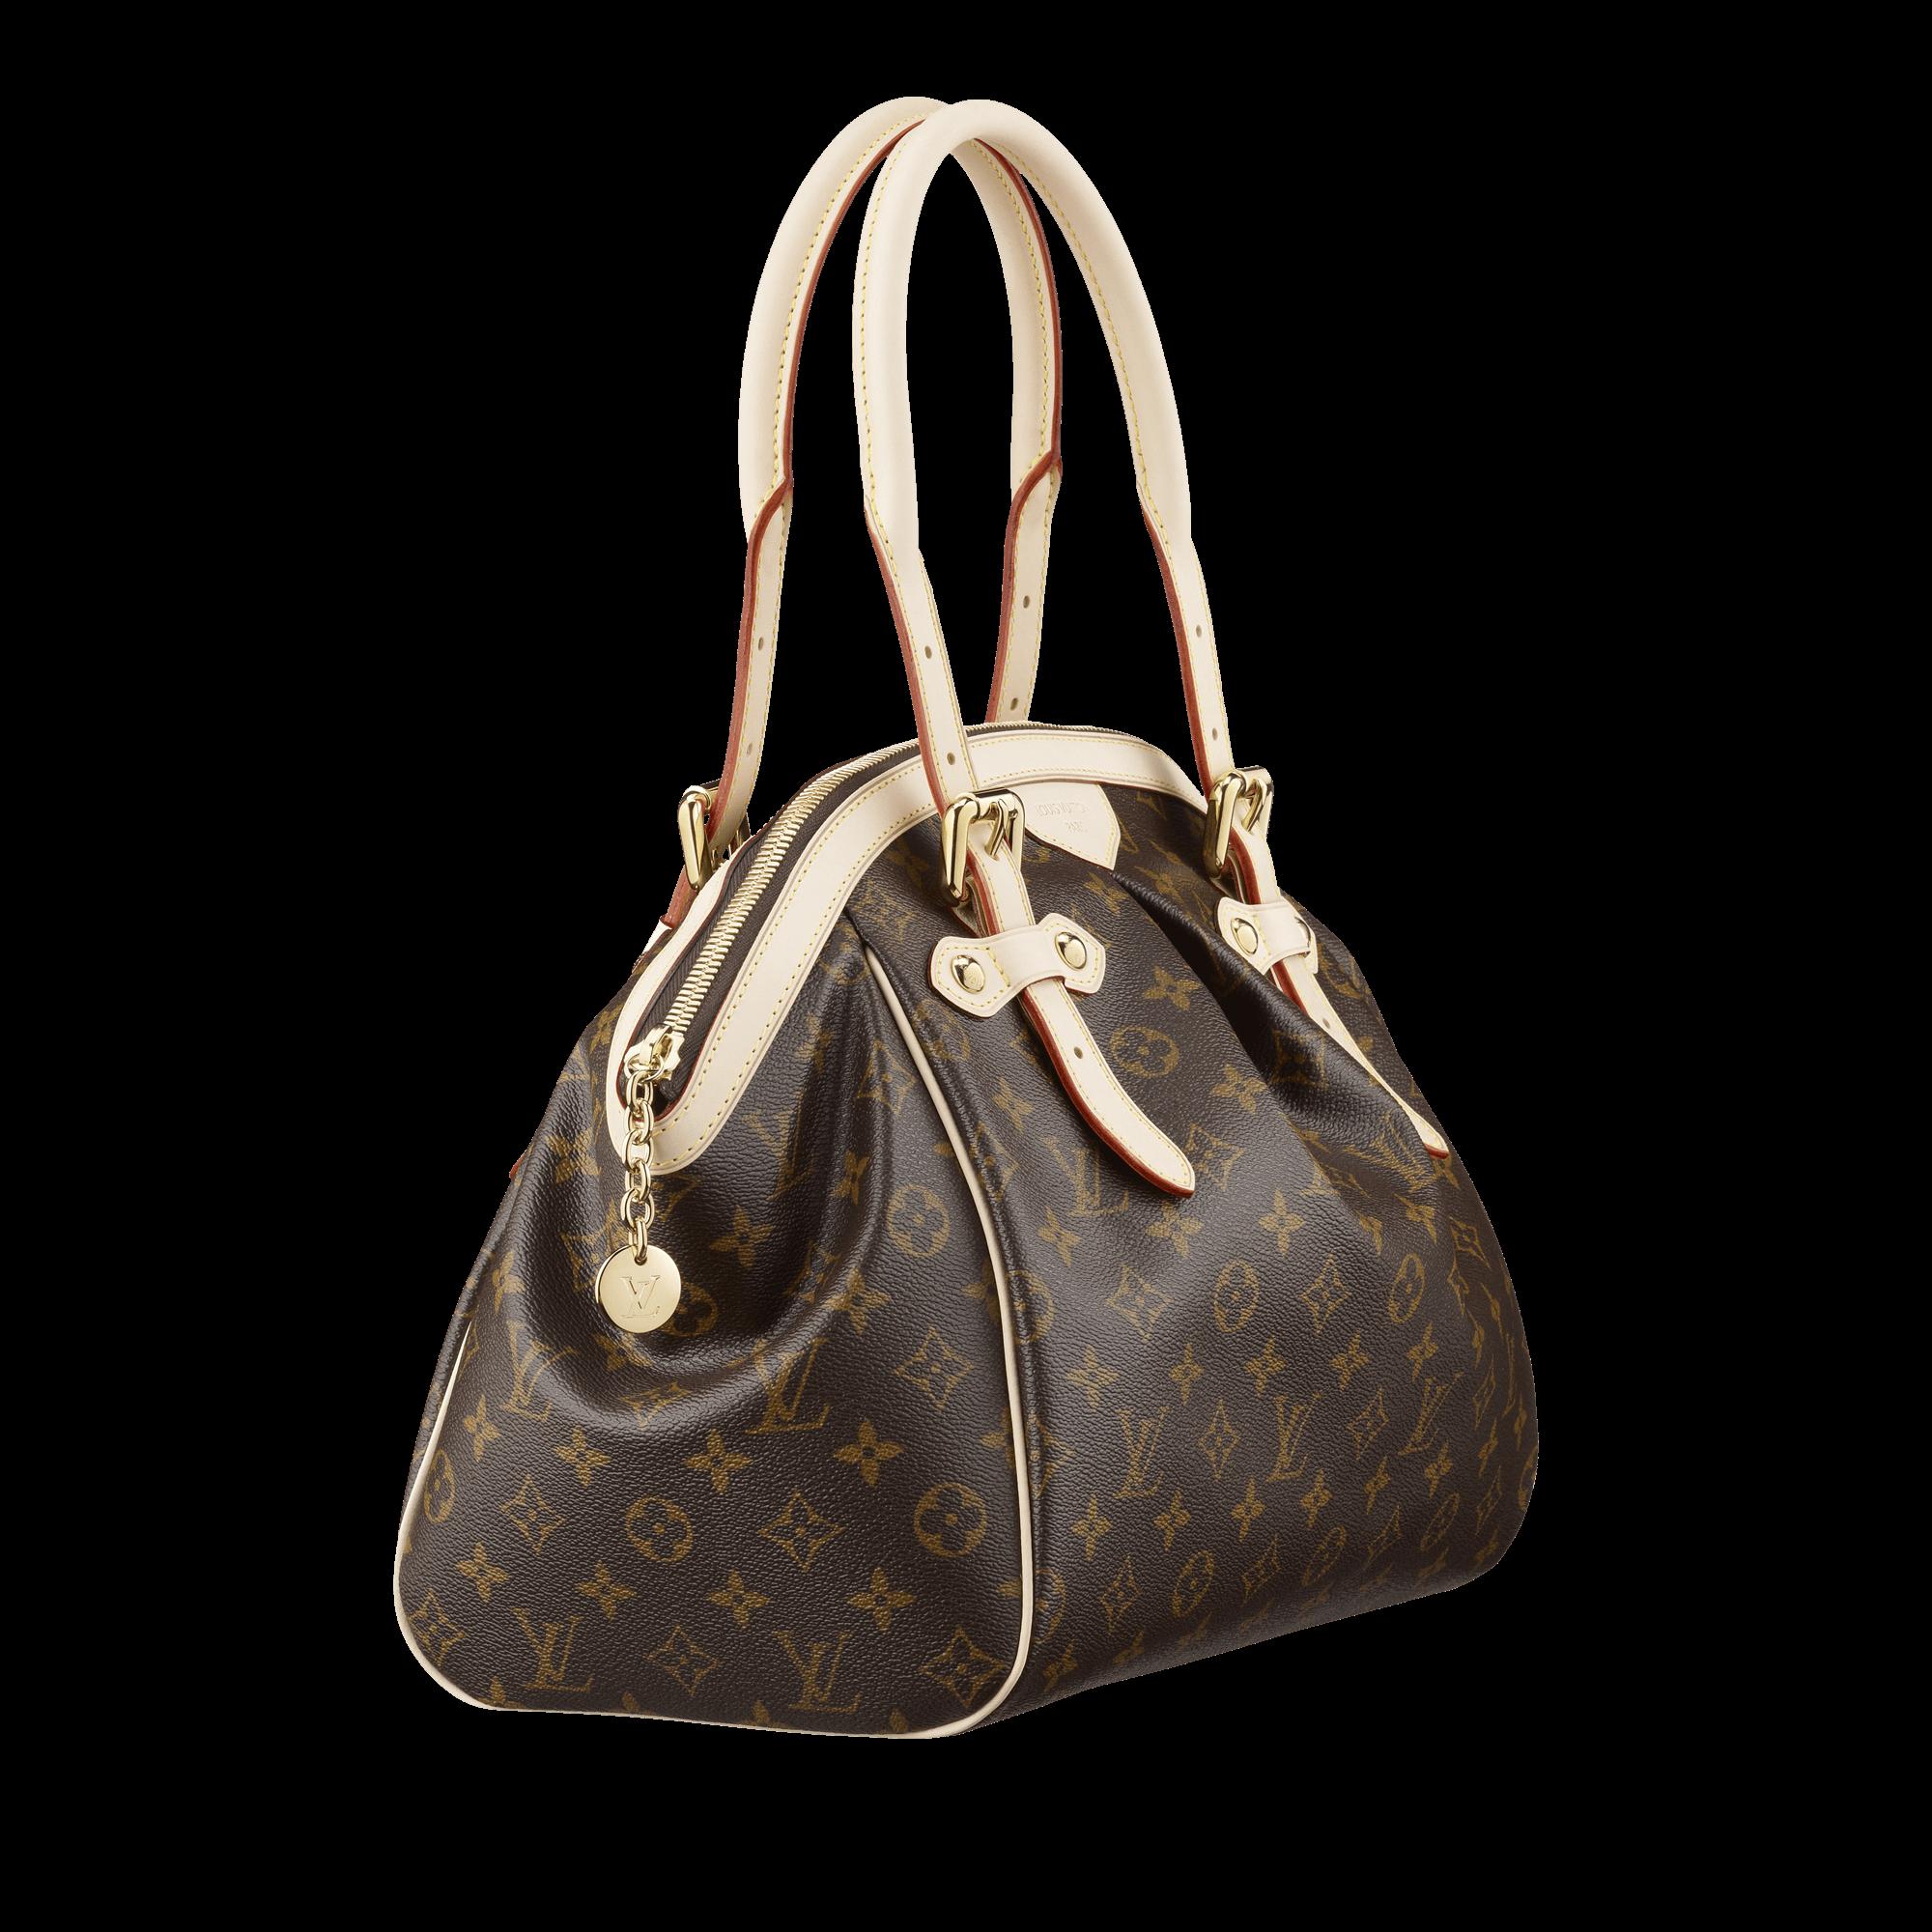 9b8fdcafea5d Download Louis Vuitton Women Bag Png Image HQ PNG Image